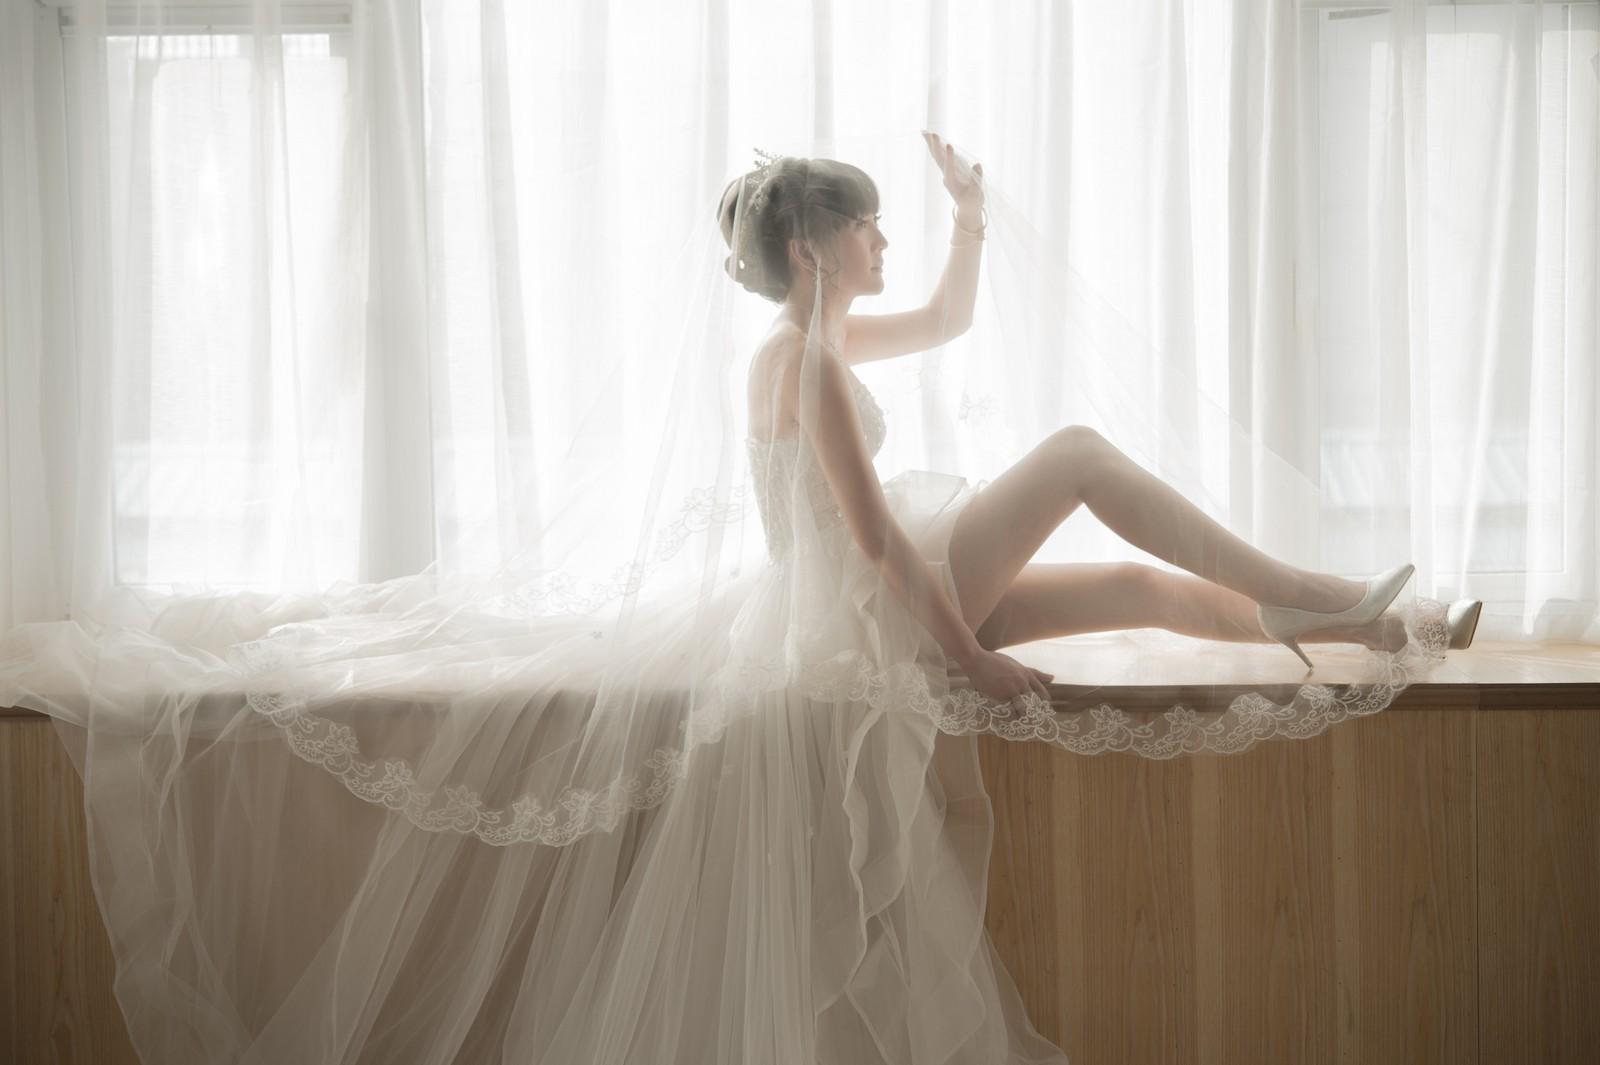 個人寫真,個人婚紗,形象照,藝術照